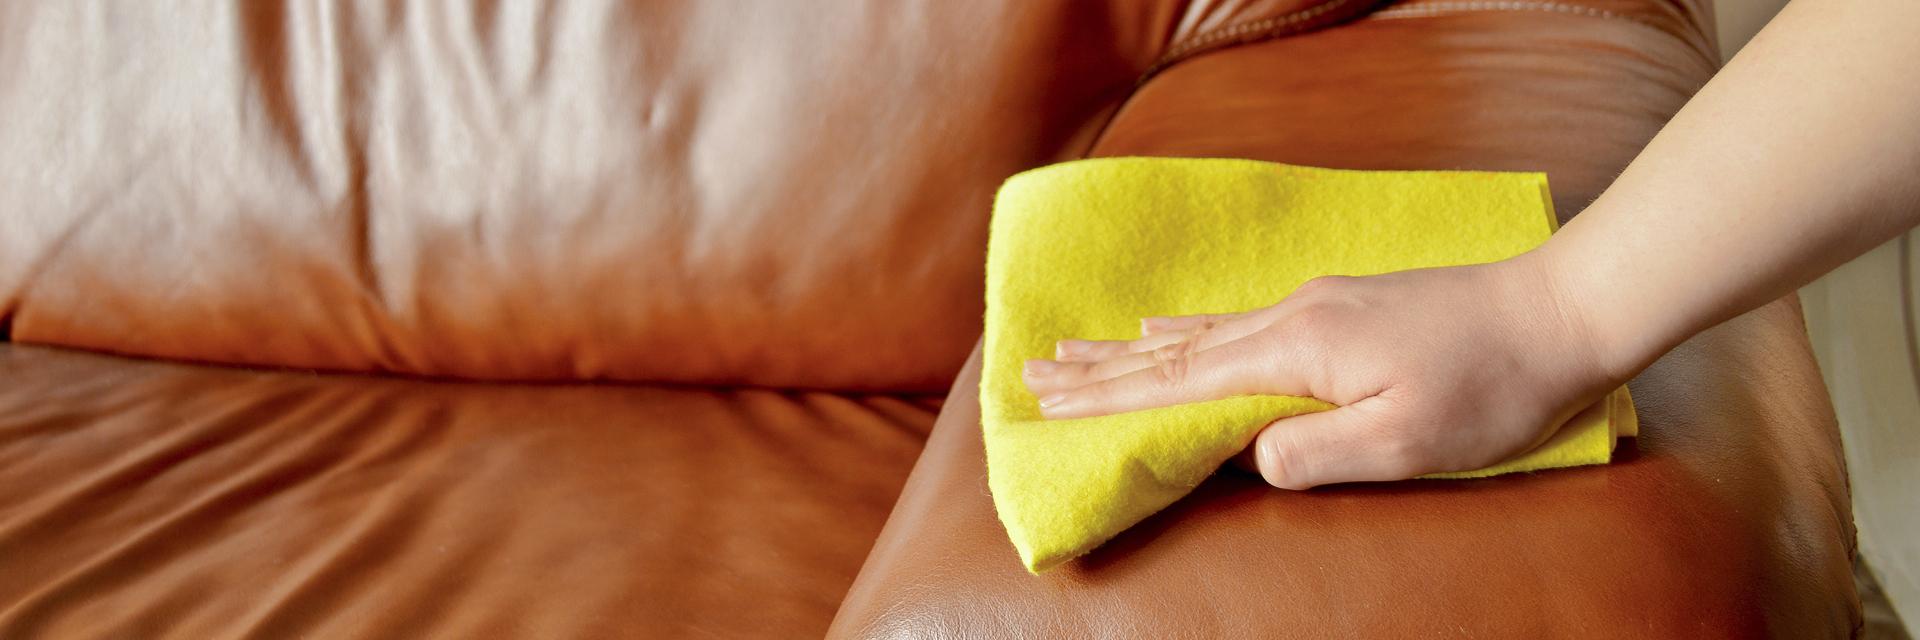 Sofa reinigen scheuern